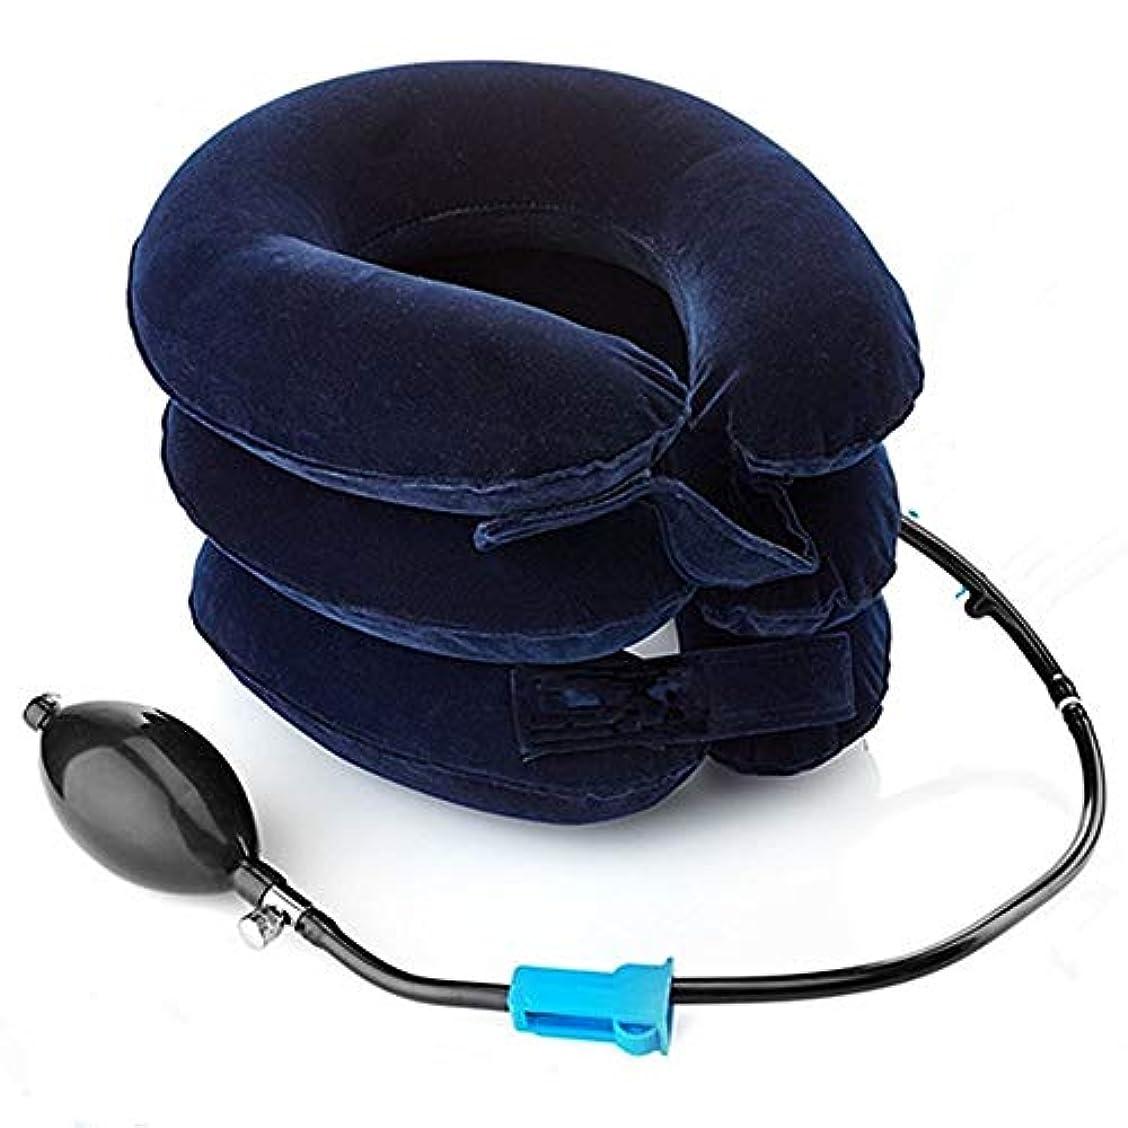 官僚不適考え子宮頸管牽引装置FDA登録 - ホームトラクション背骨の整列のためのインフレータブル&調節可能なネックストレッチャーカラー